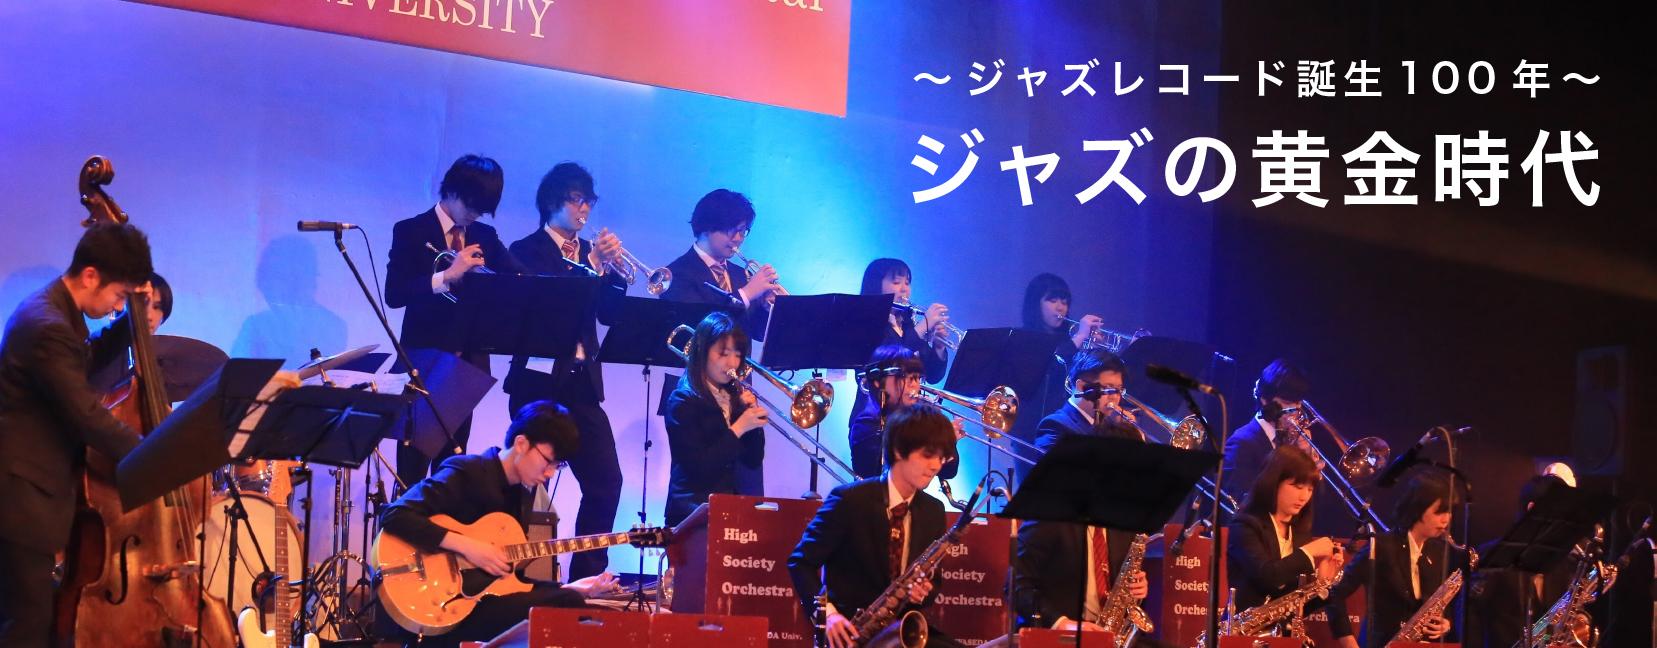 ジャズの黄金時代 - イベントなど - ヤマハミュージック ...